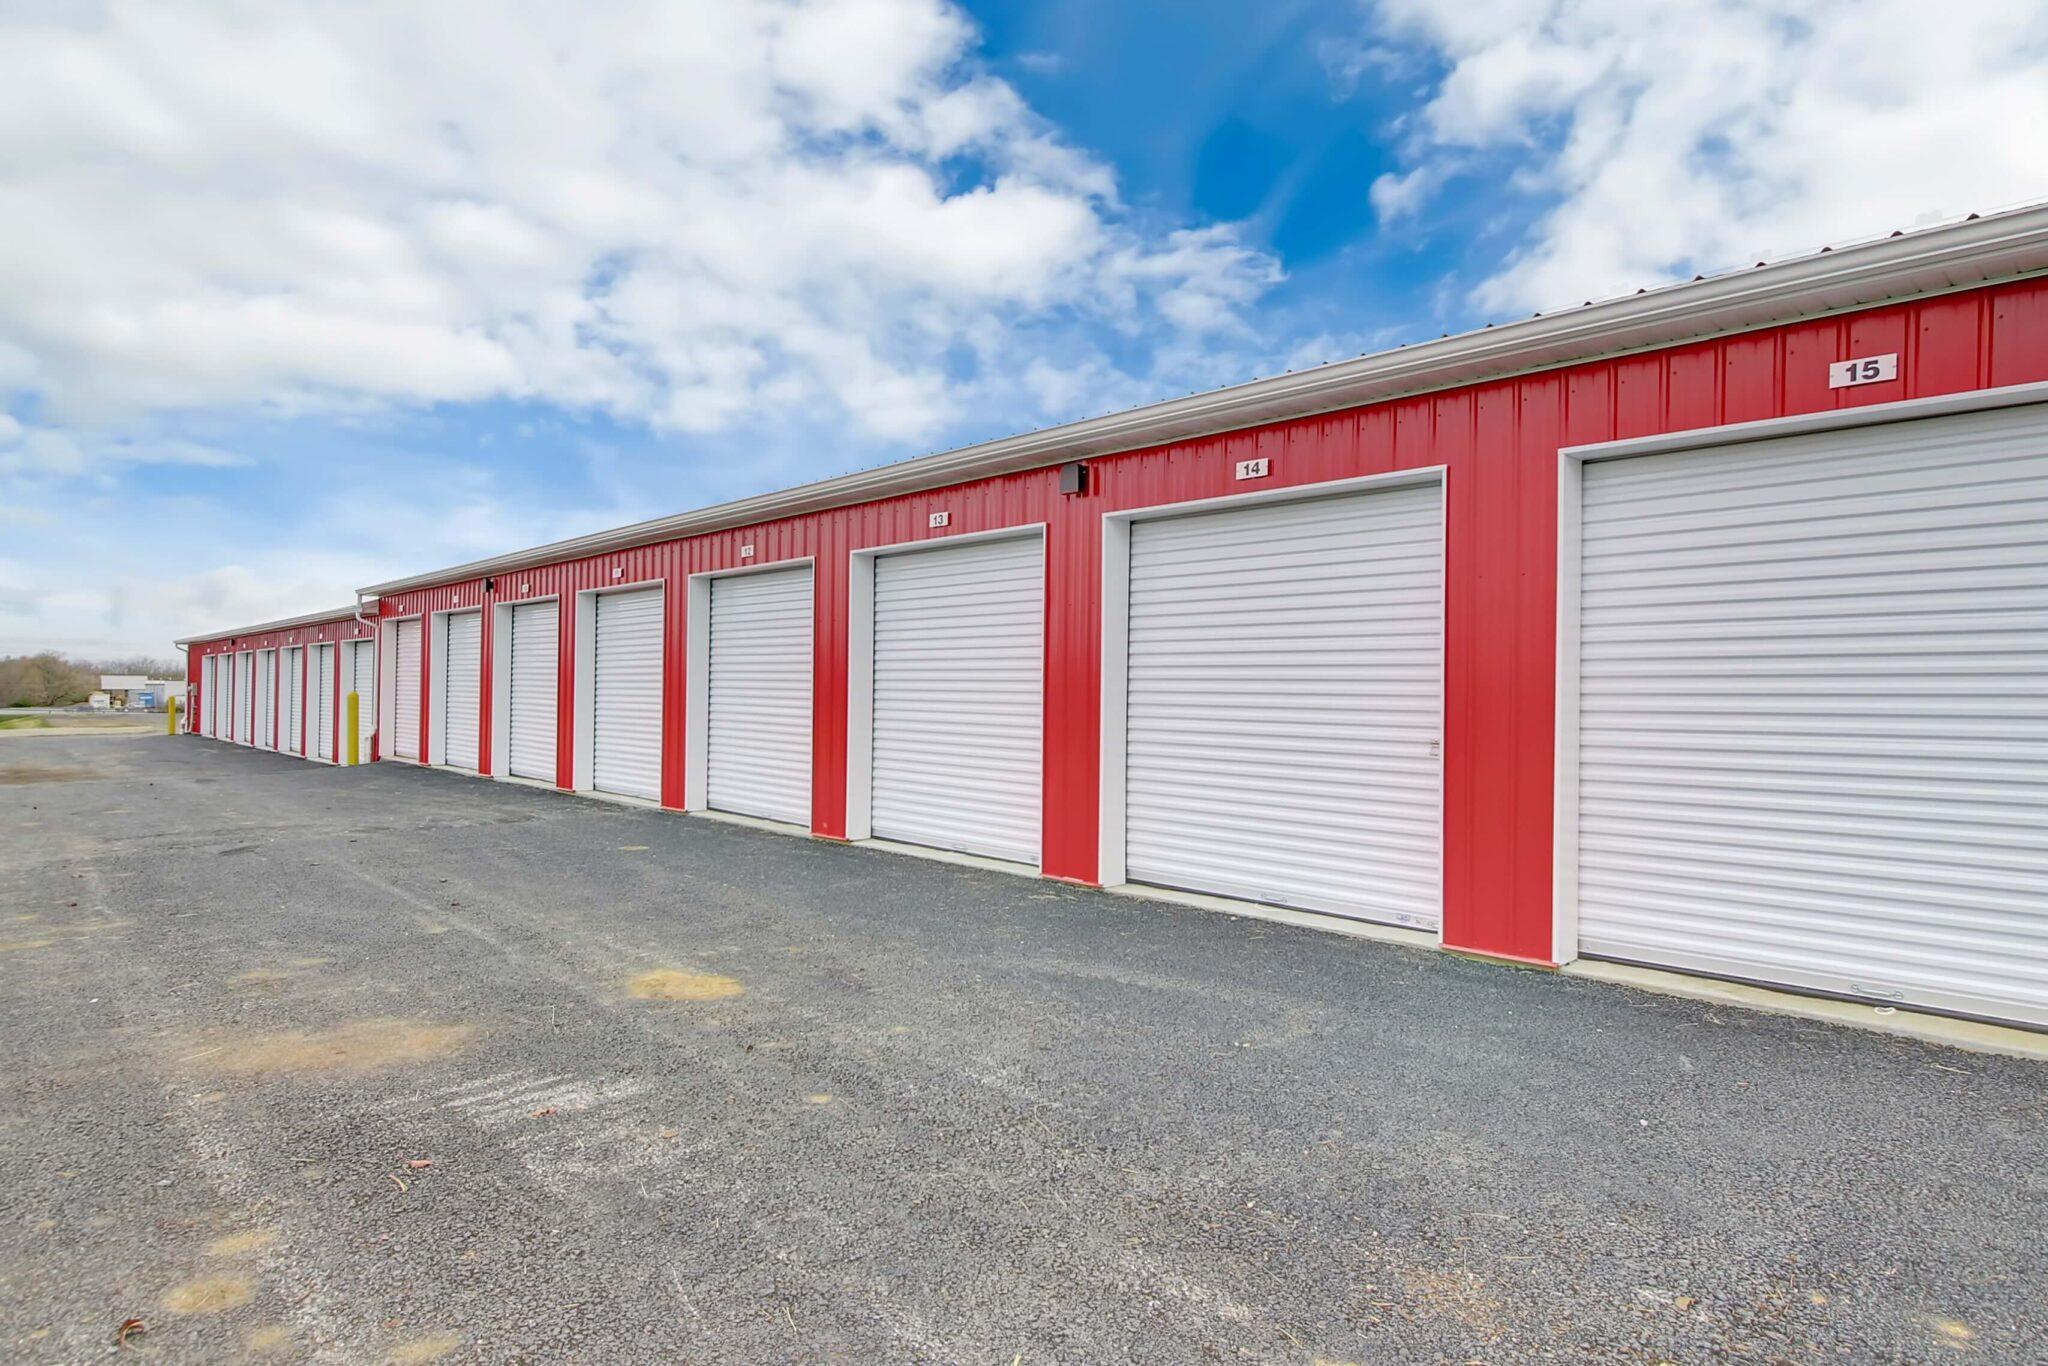 Storage Rentals In Hanover Pa Burkentine